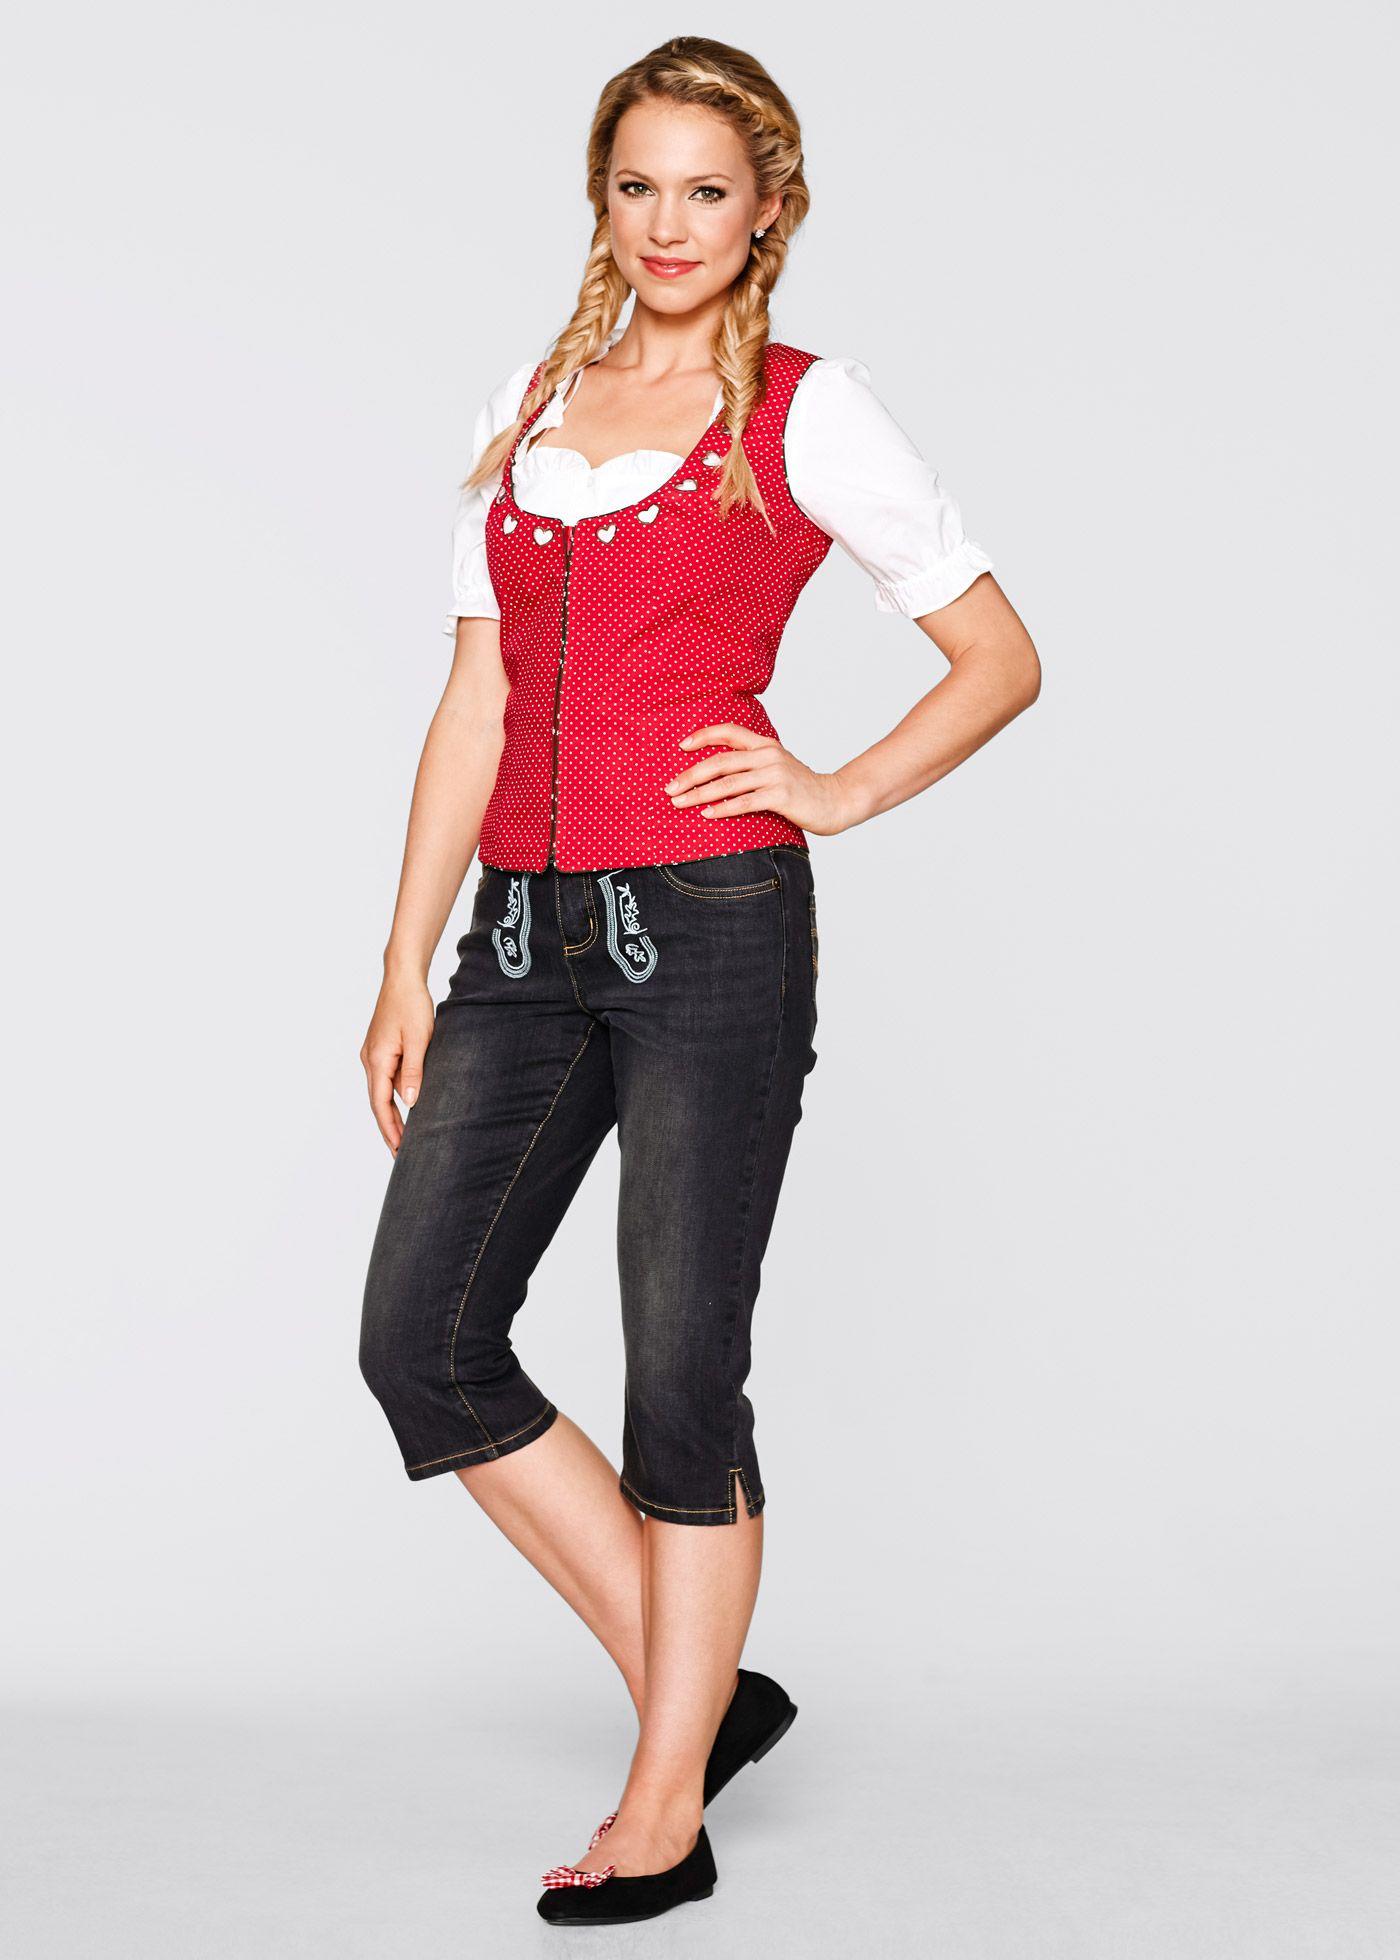 4754d547303b29 Trachtenkorsage mit Reißverschluss rot gepunktet - bpc bonprix collection  jetzt im Online Shop von bonprix.de ab   24